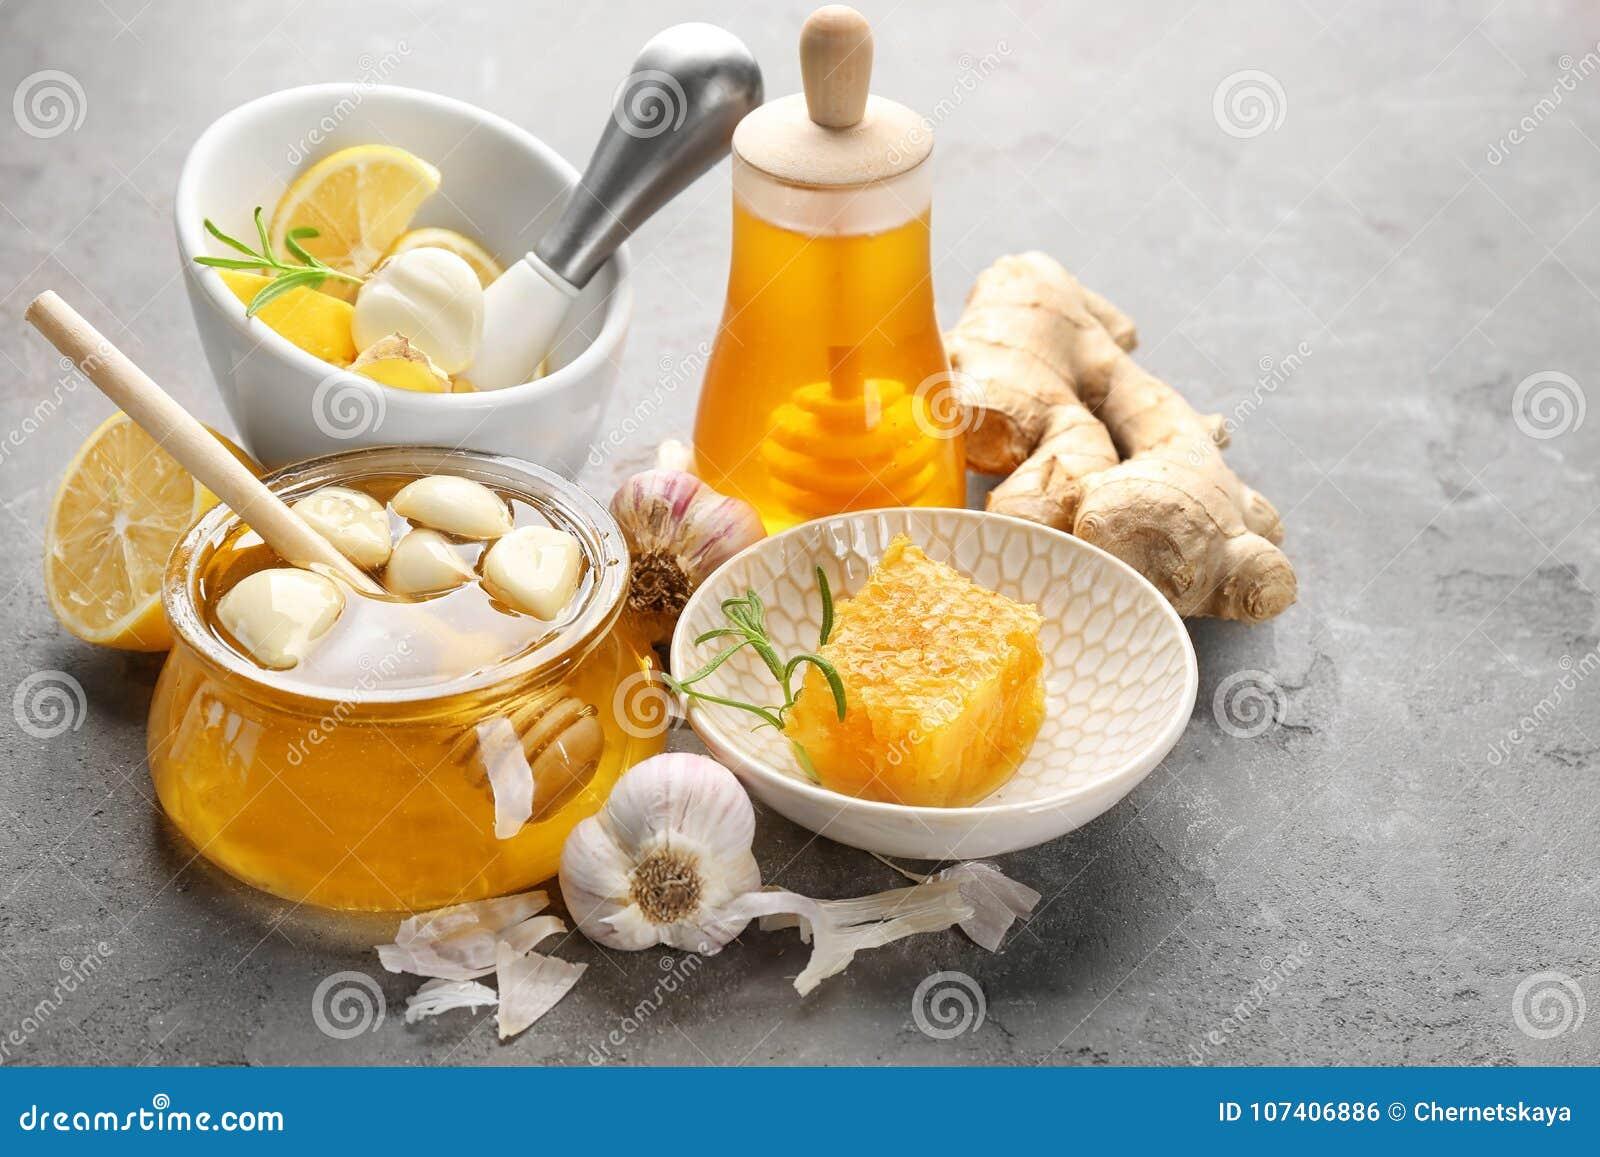 构成用蜂蜜和大蒜